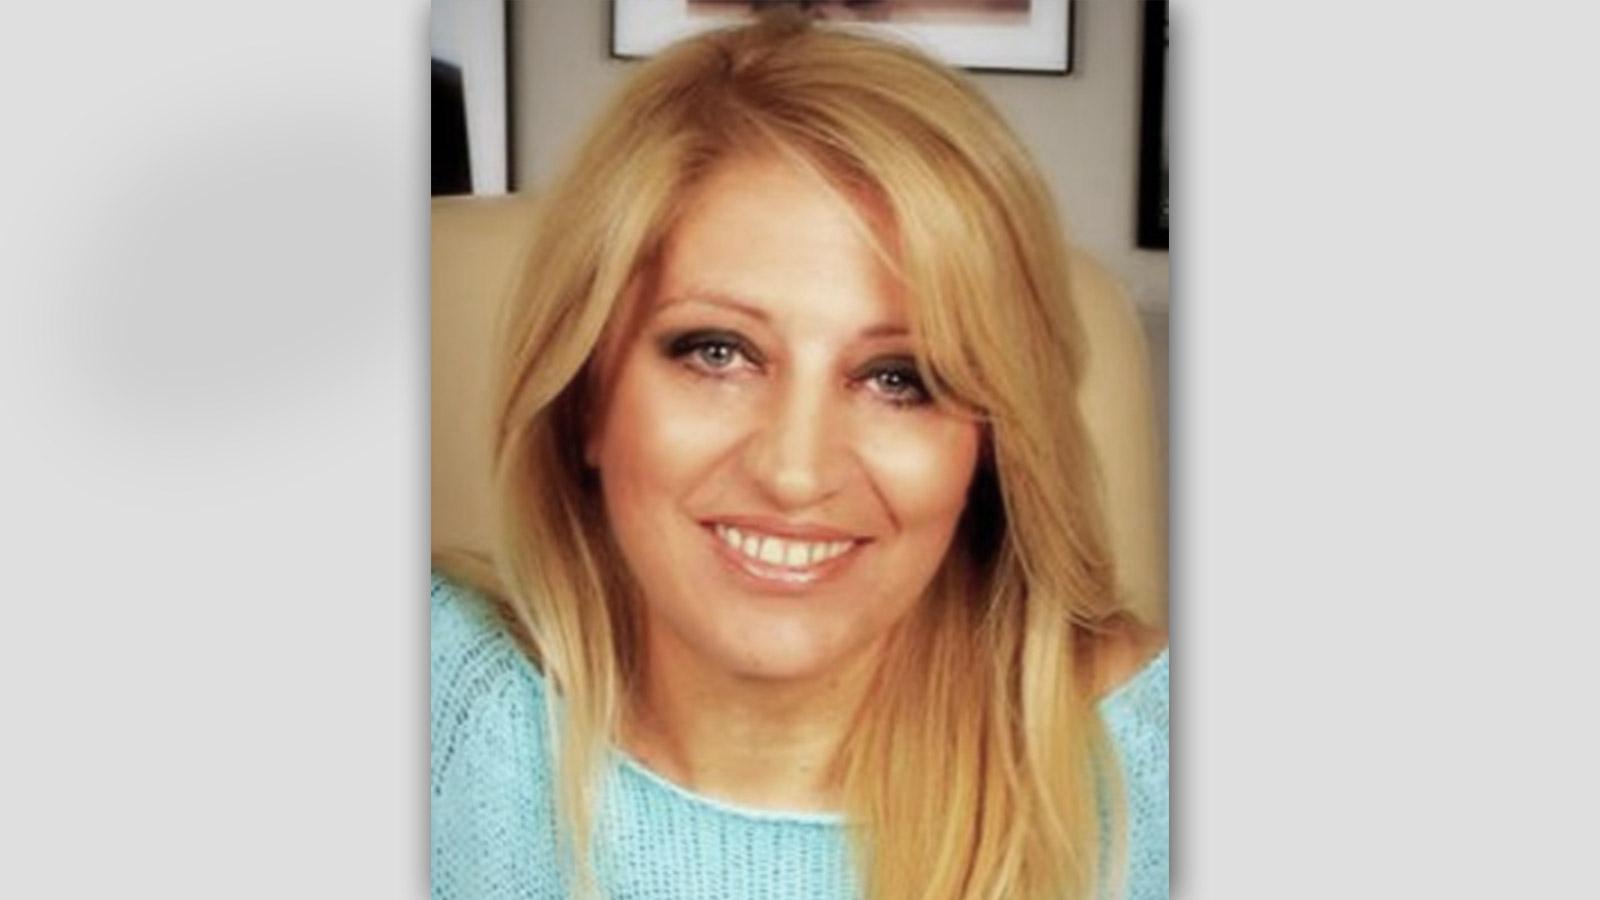 Έφυγε από τη ζωη η δημοσιογράφος και συγγραφέας Σοφία Αδαμίδου